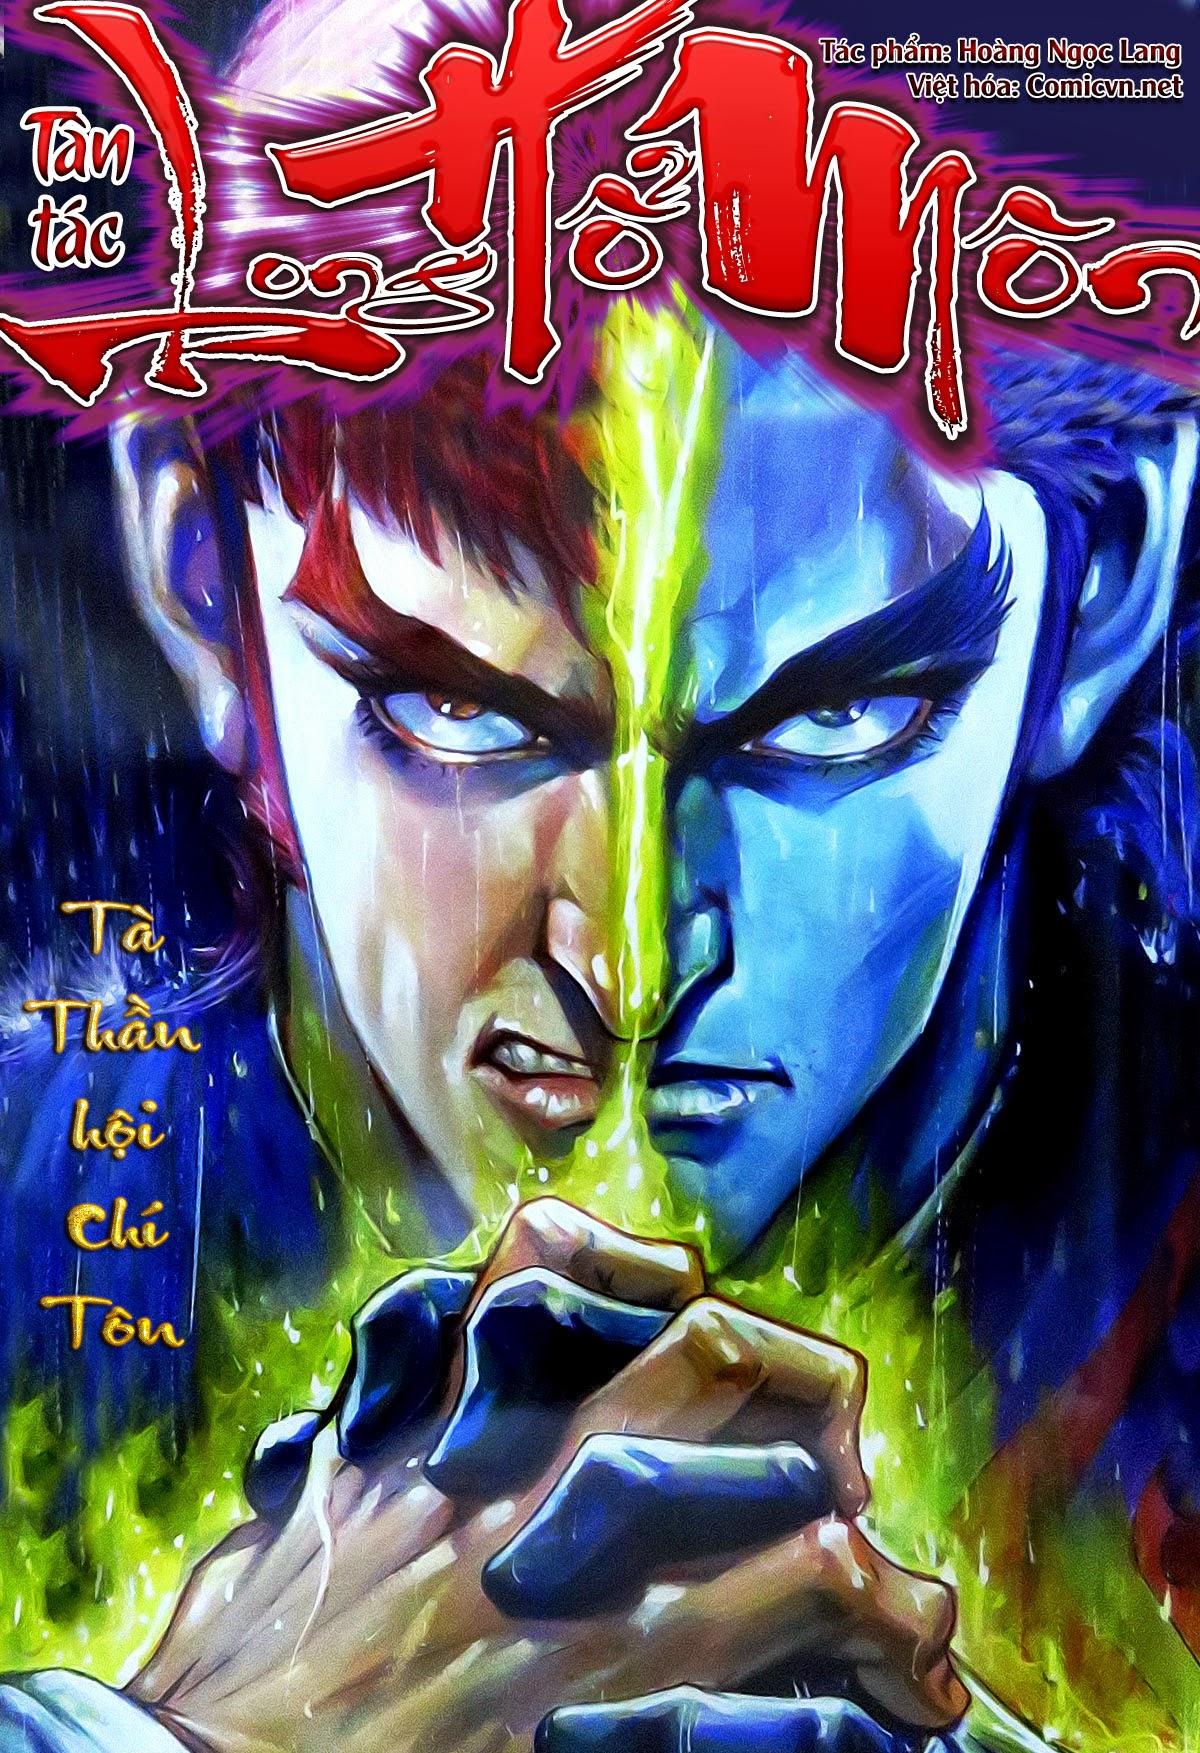 Tân Tác Long Hổ Môn chap 779 Trang 1 - Mangak.info